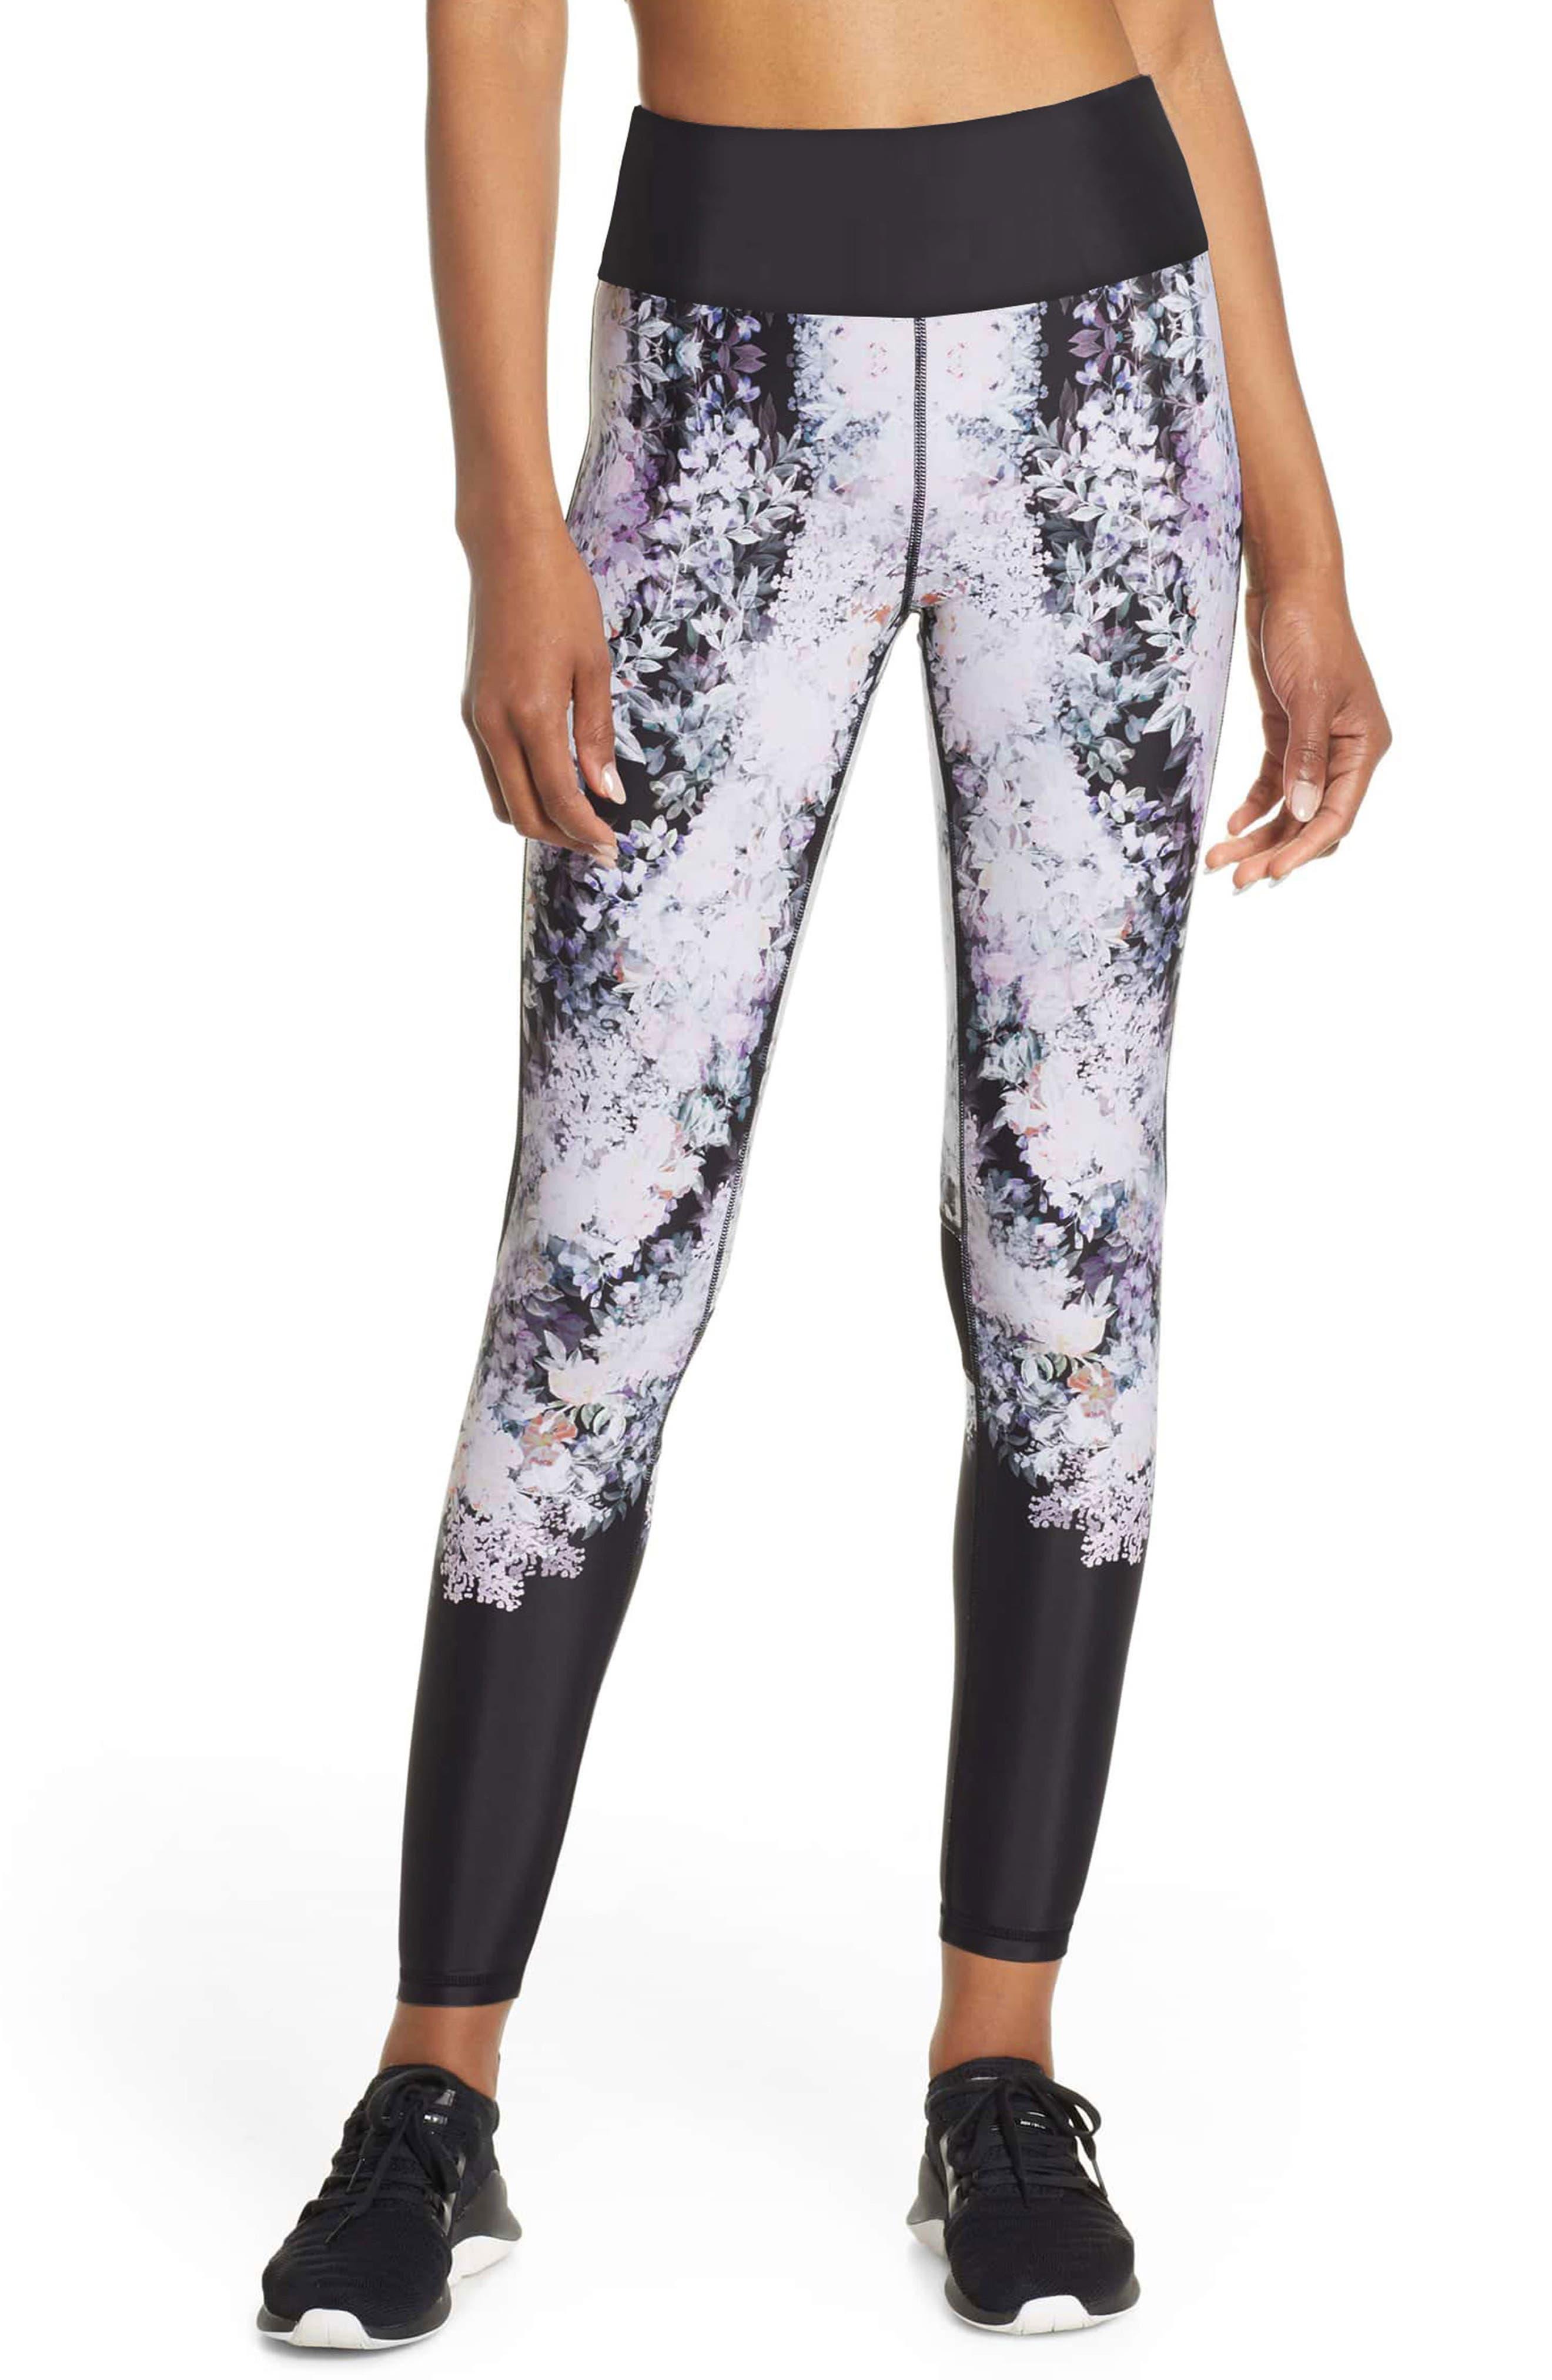 7b7e1dc4ce8 mesh leggings